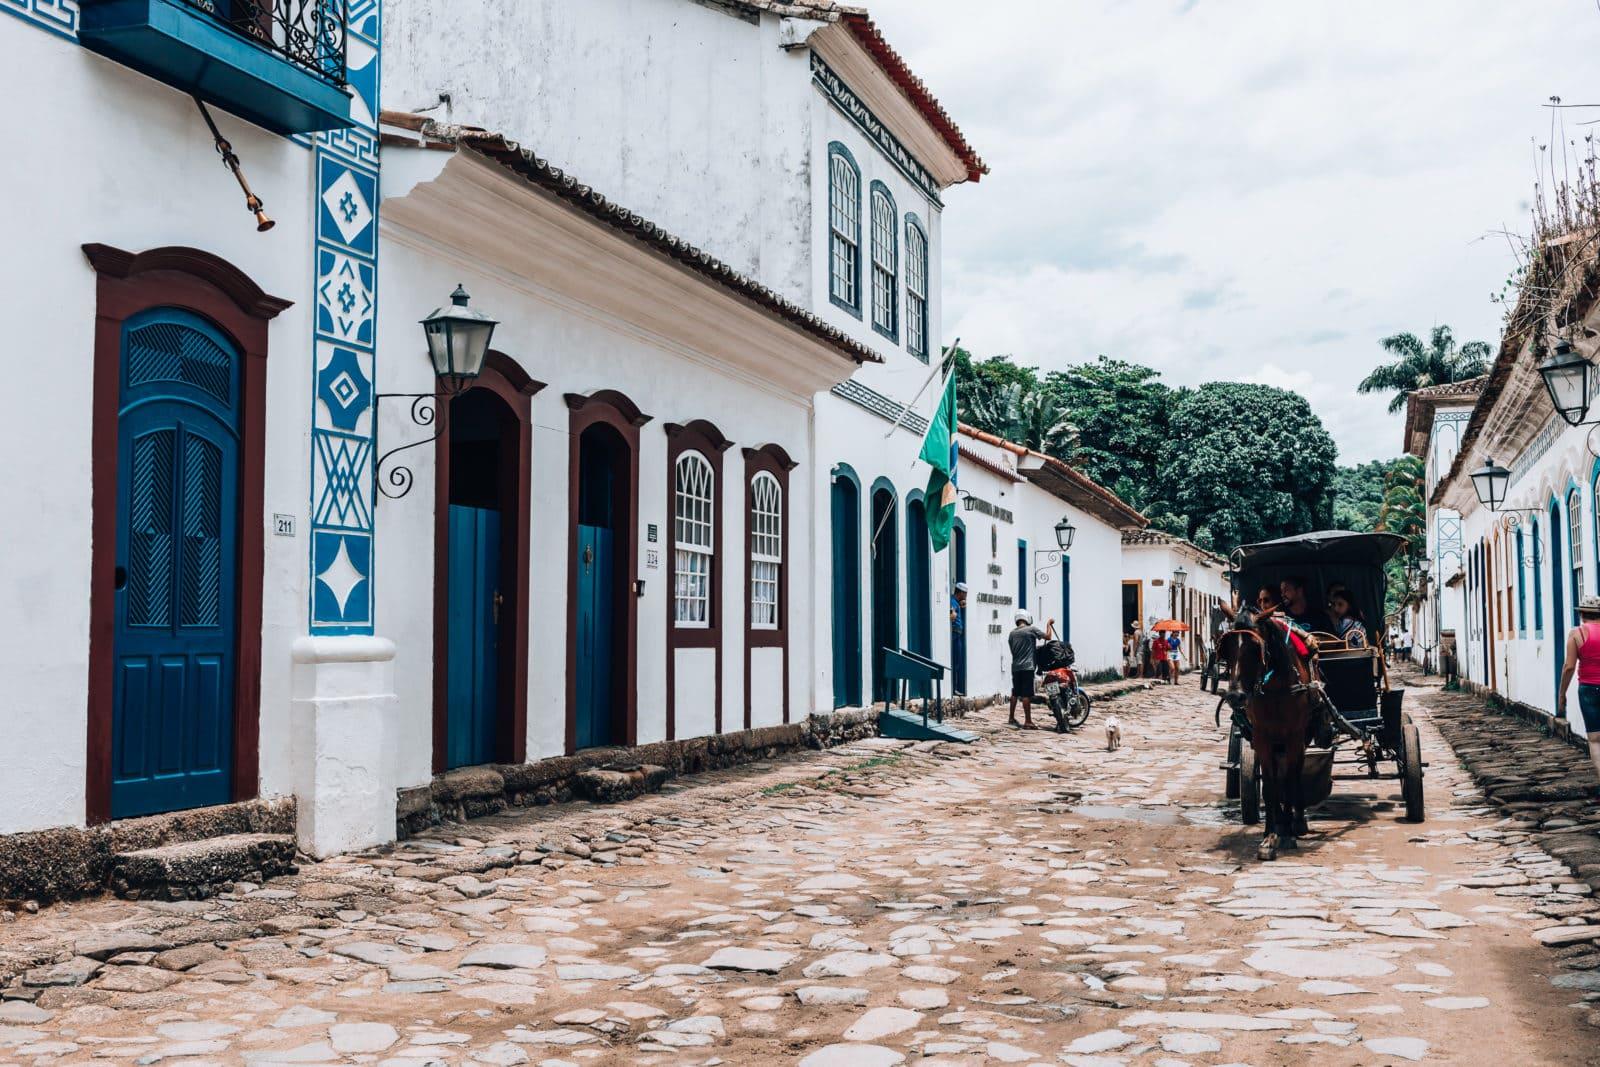 Pferdekutsche in der Altstadt von Paraty